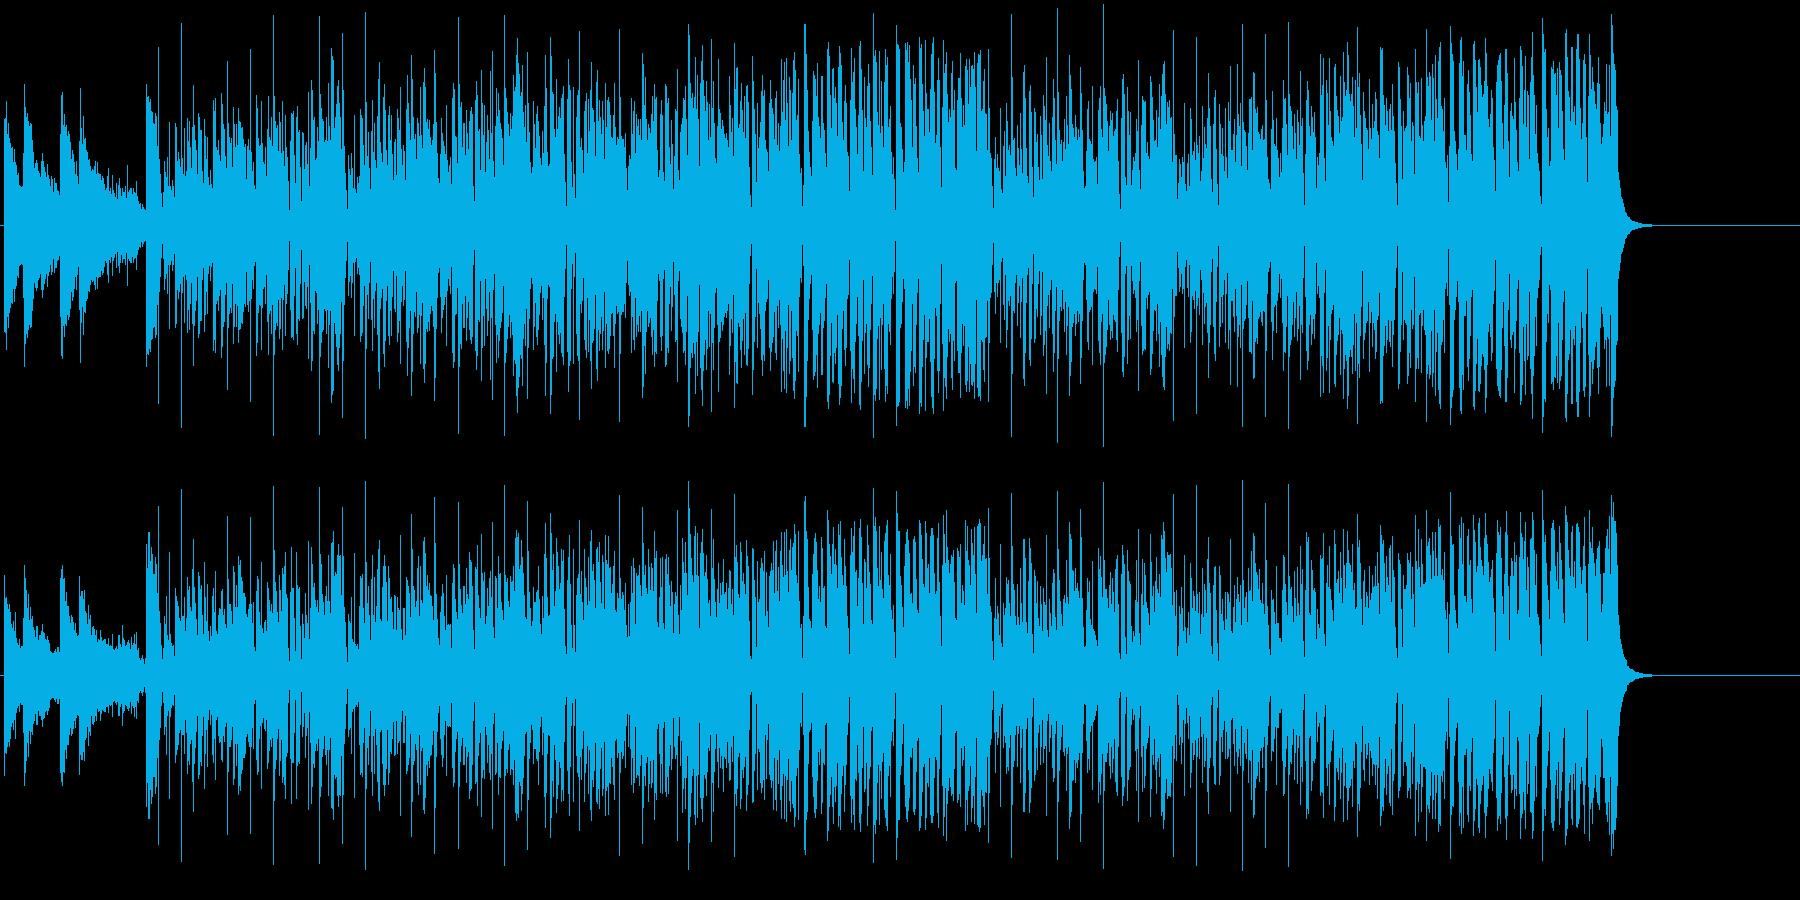 ダンサブルなテクノ/フュージョンの再生済みの波形